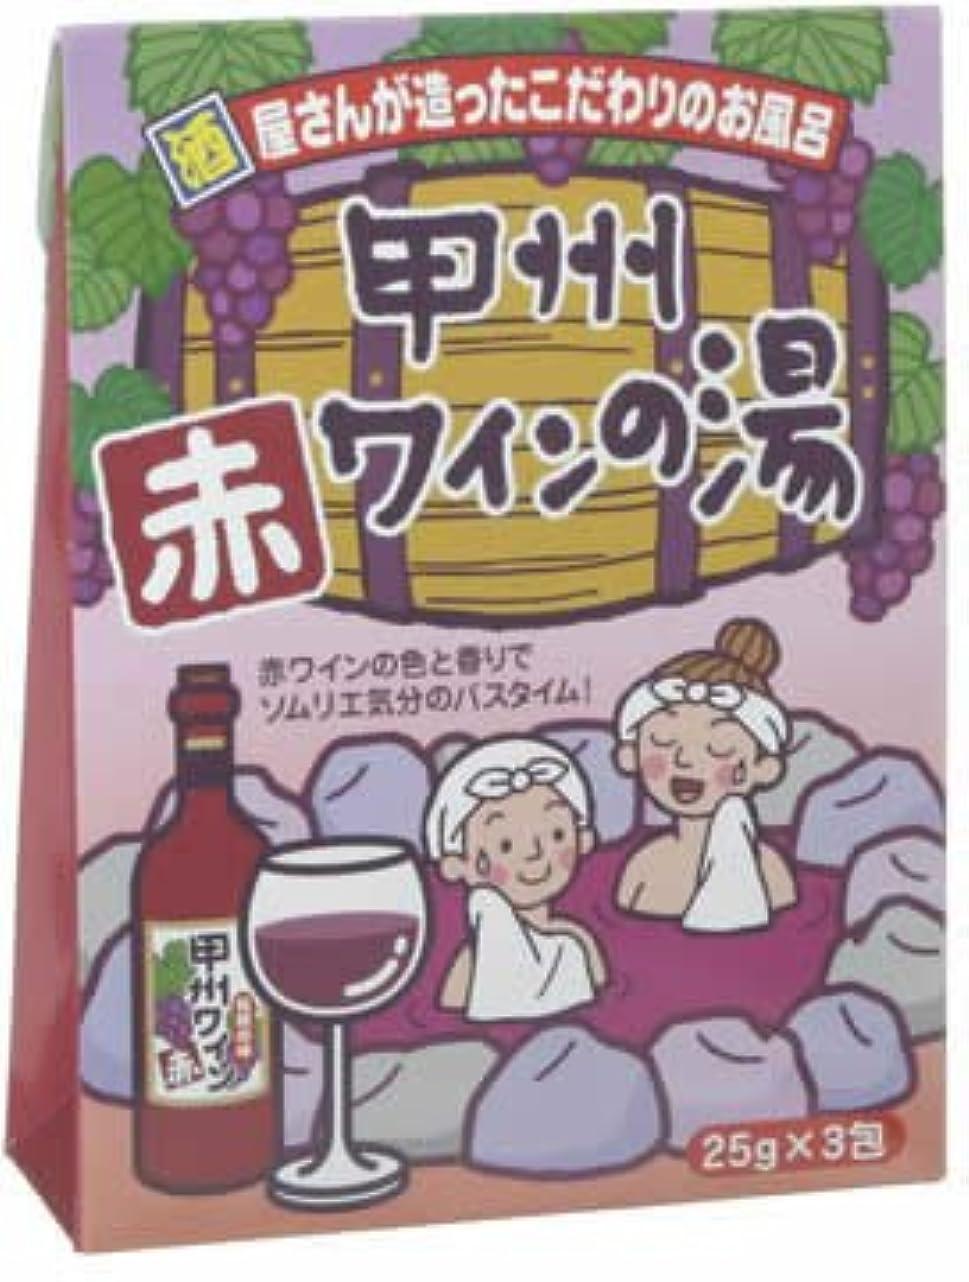 髄徒歩で懲戒甲州 赤ワインの湯 25g*3包